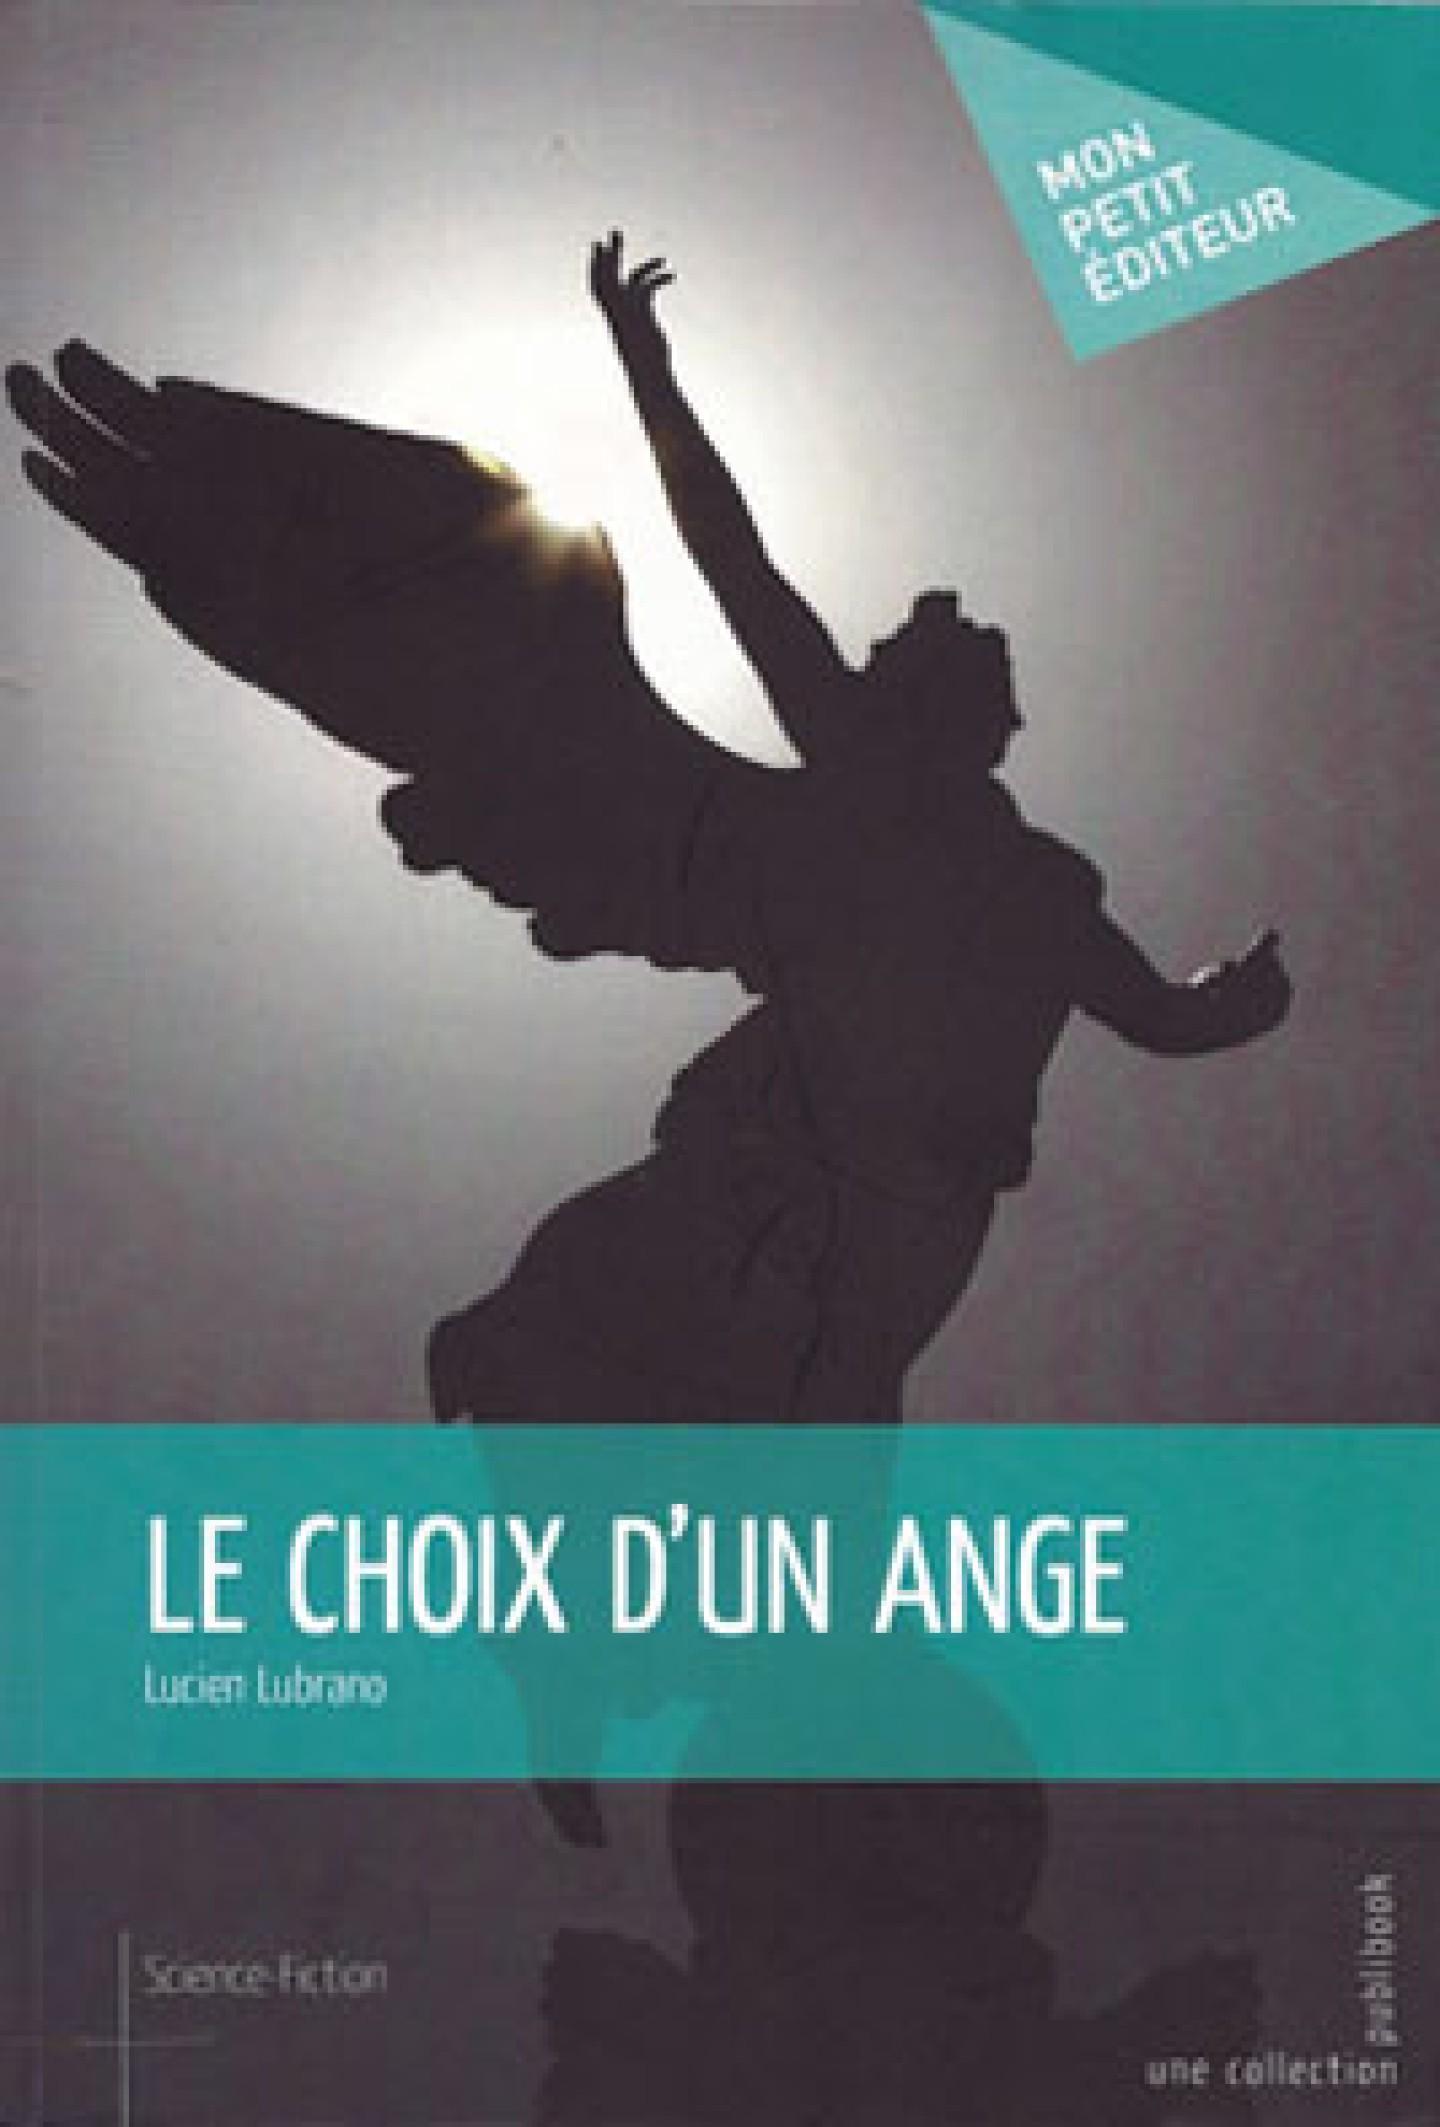 Le choix d'un ange de Lucien Lubrano